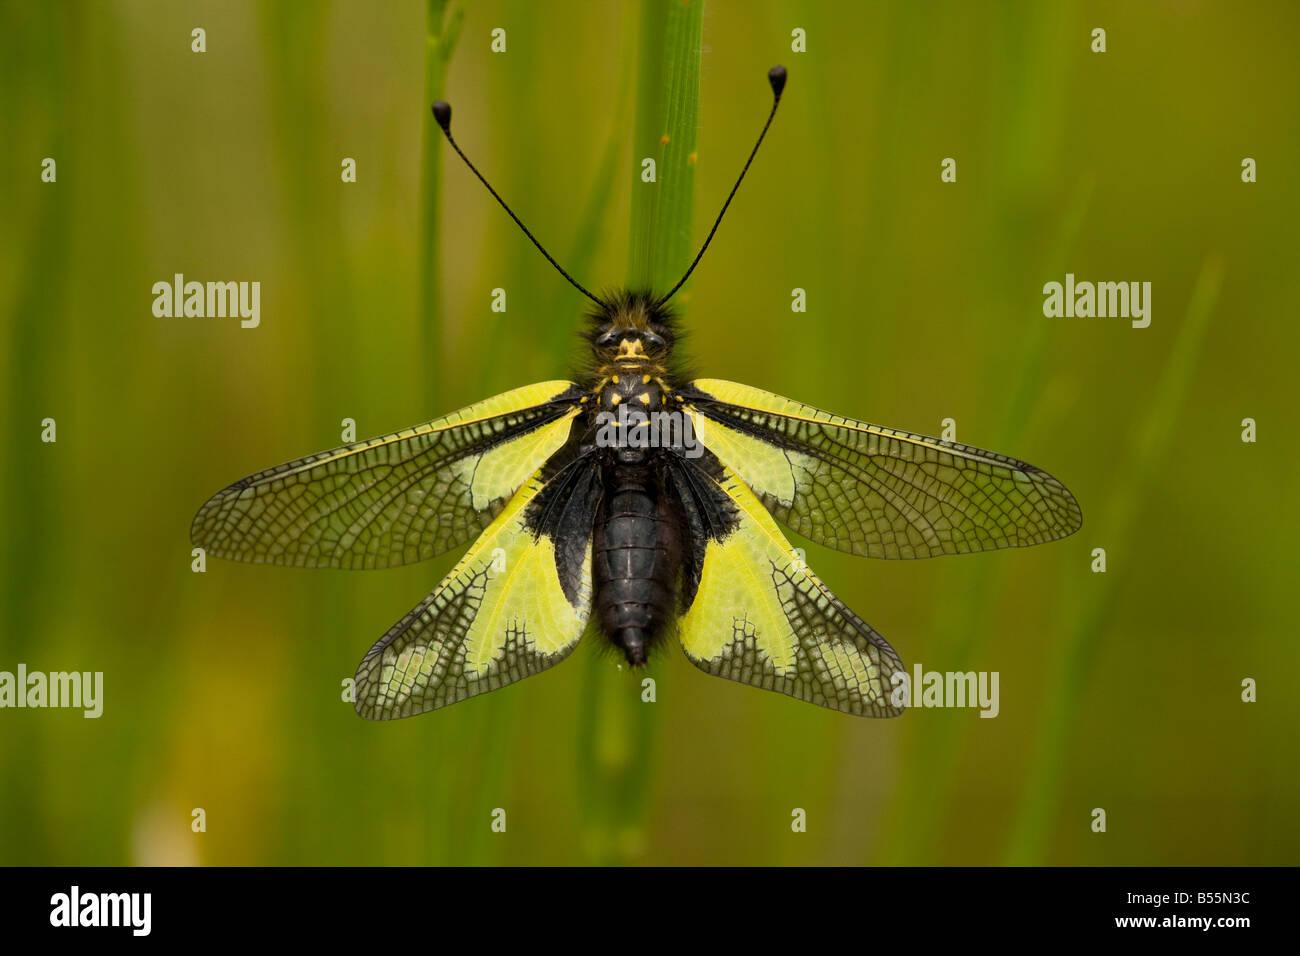 Ein Ascalaphid (Libelloides Coccajus) ließ sich in Grünland, Nahaufnahme, Dordogne, Frankreich Stockbild